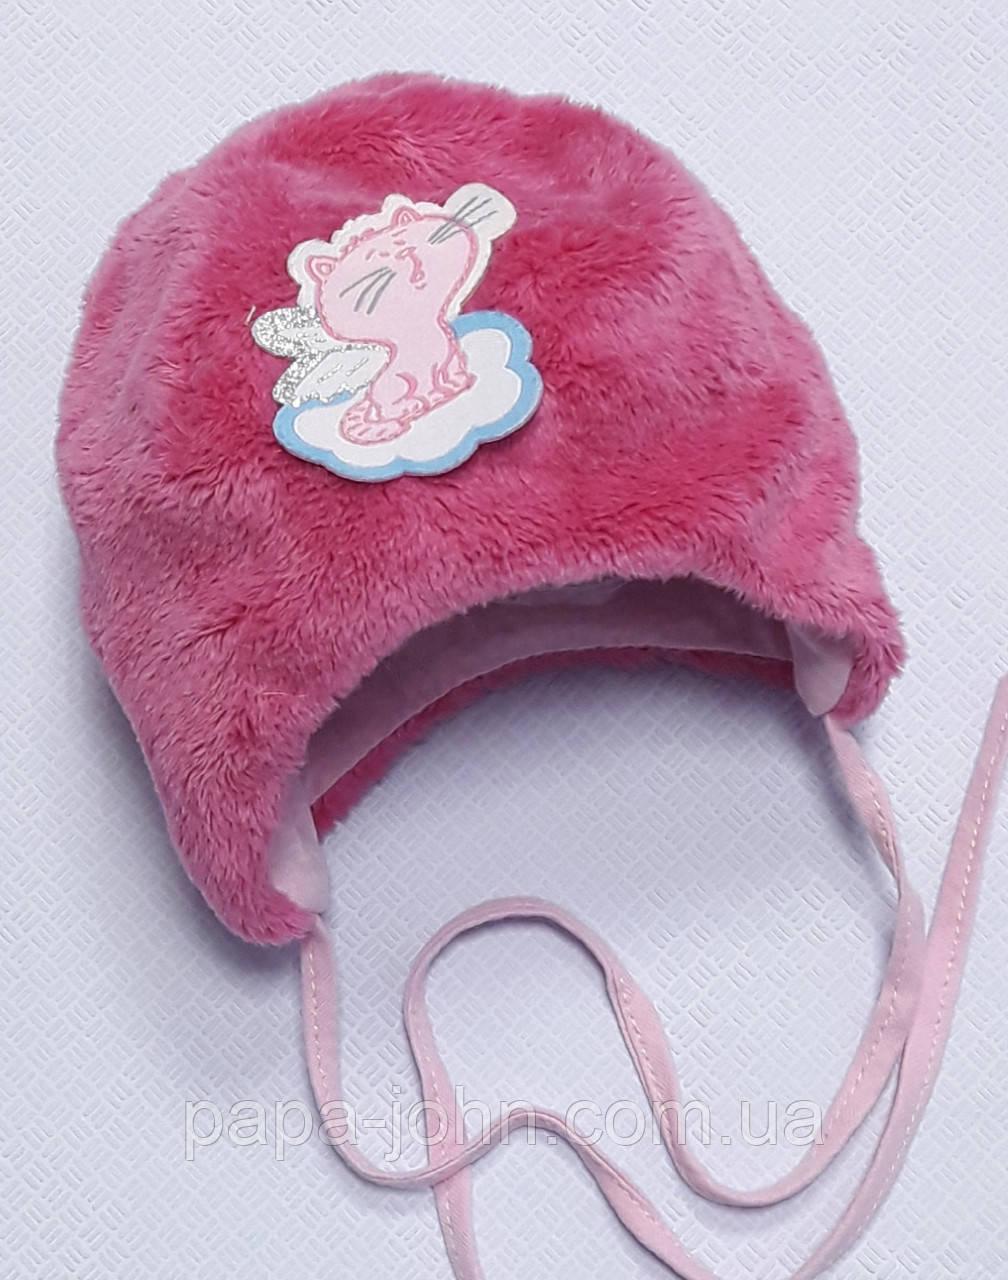 Шапочка Котик на трикотажній підкладі, рожевий, David Star, р. 36